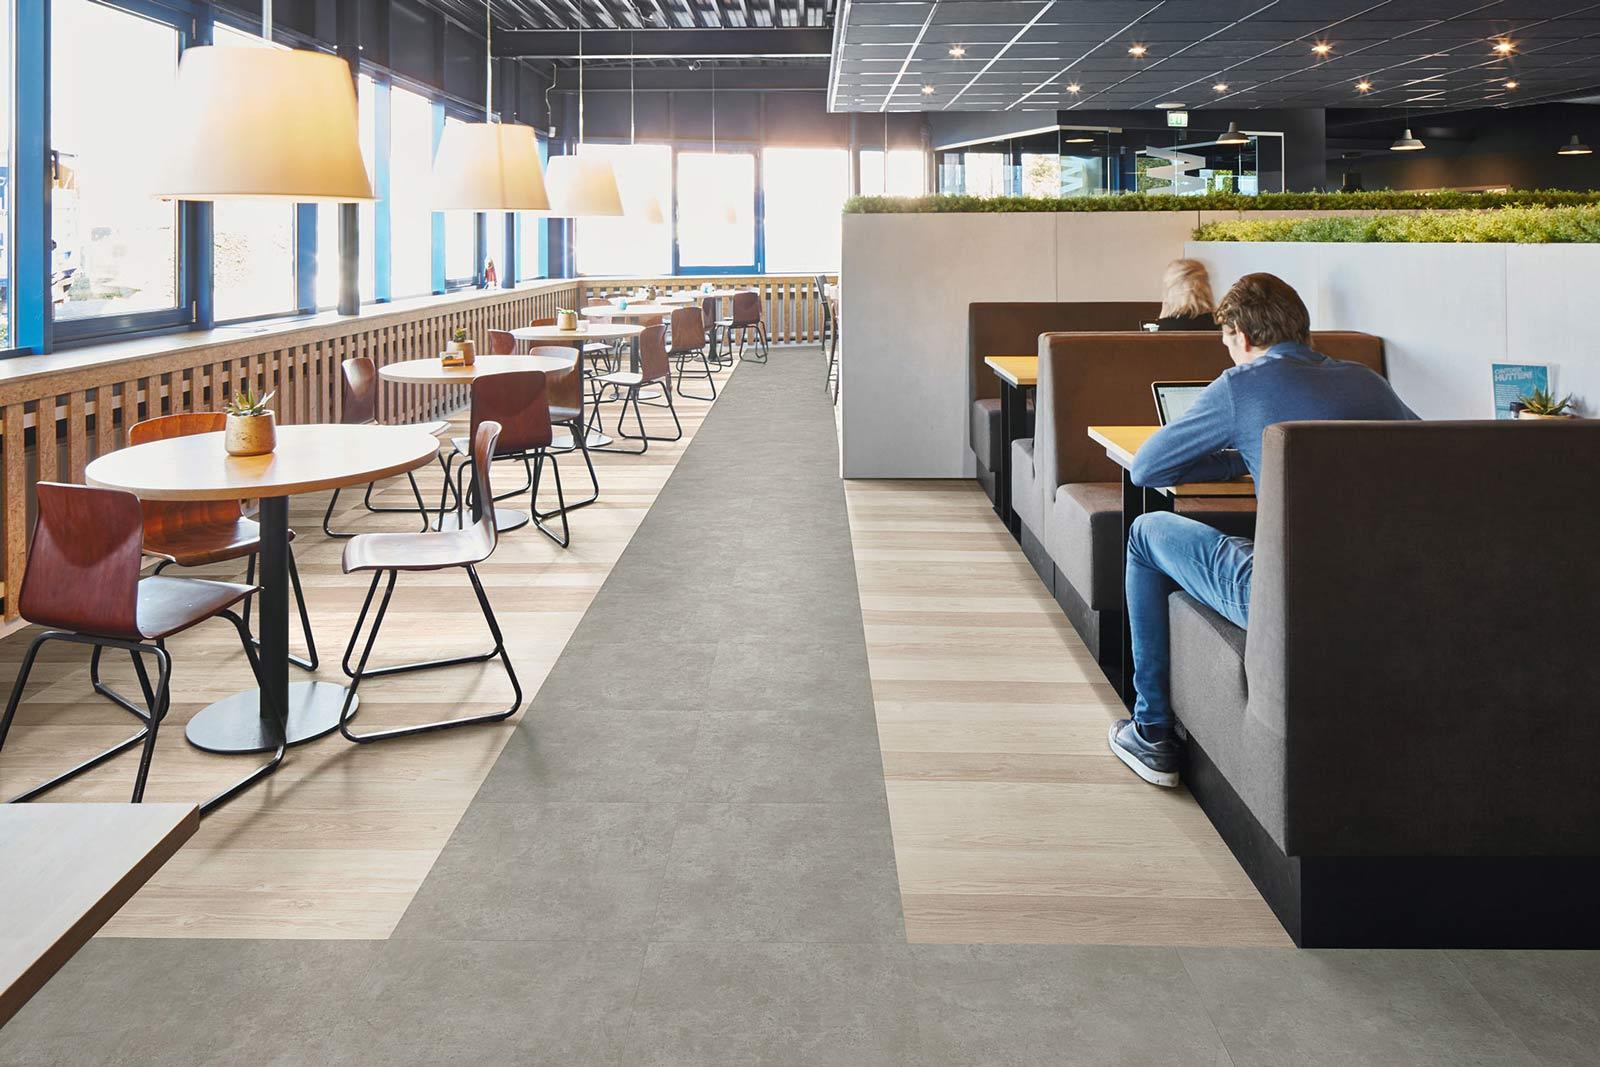 Vinylboden Grigio Concrete – Farbechter Beton Chic – Kostenloses Muster bestellen!